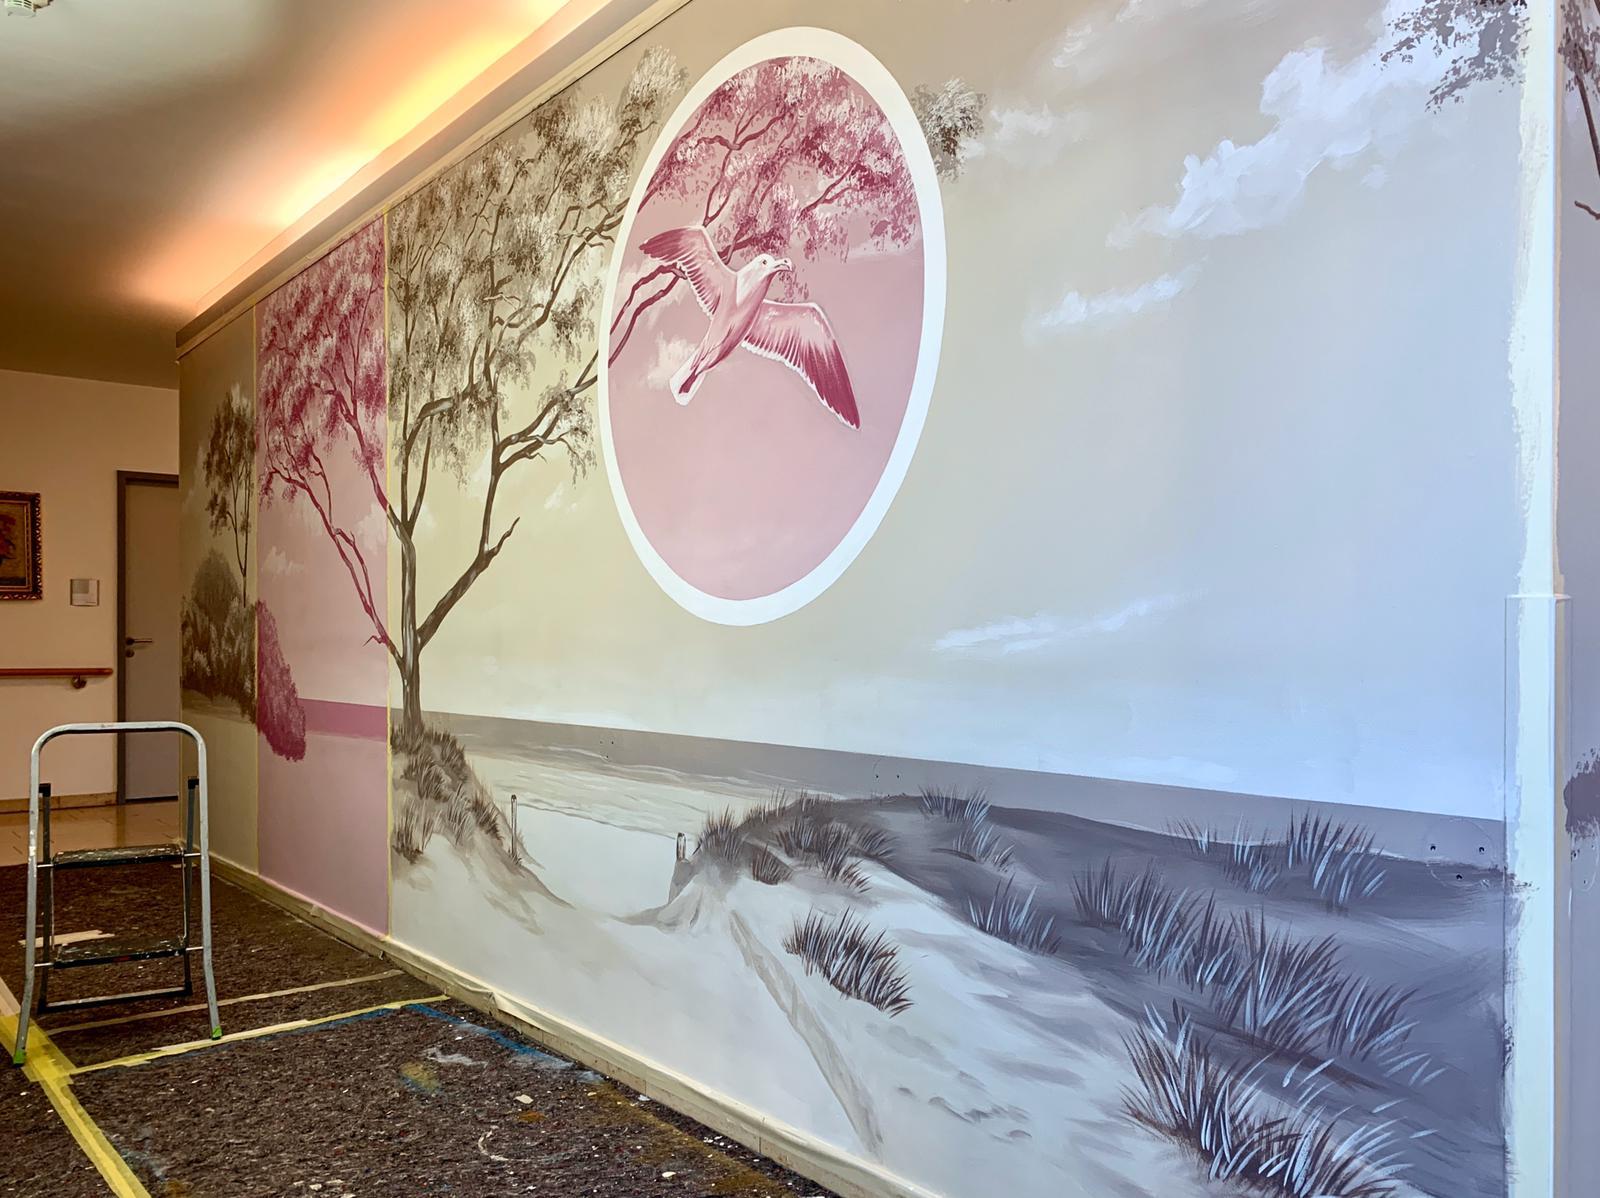 Graffiti Wandbild an der Wand Fassade oder Büro Wände